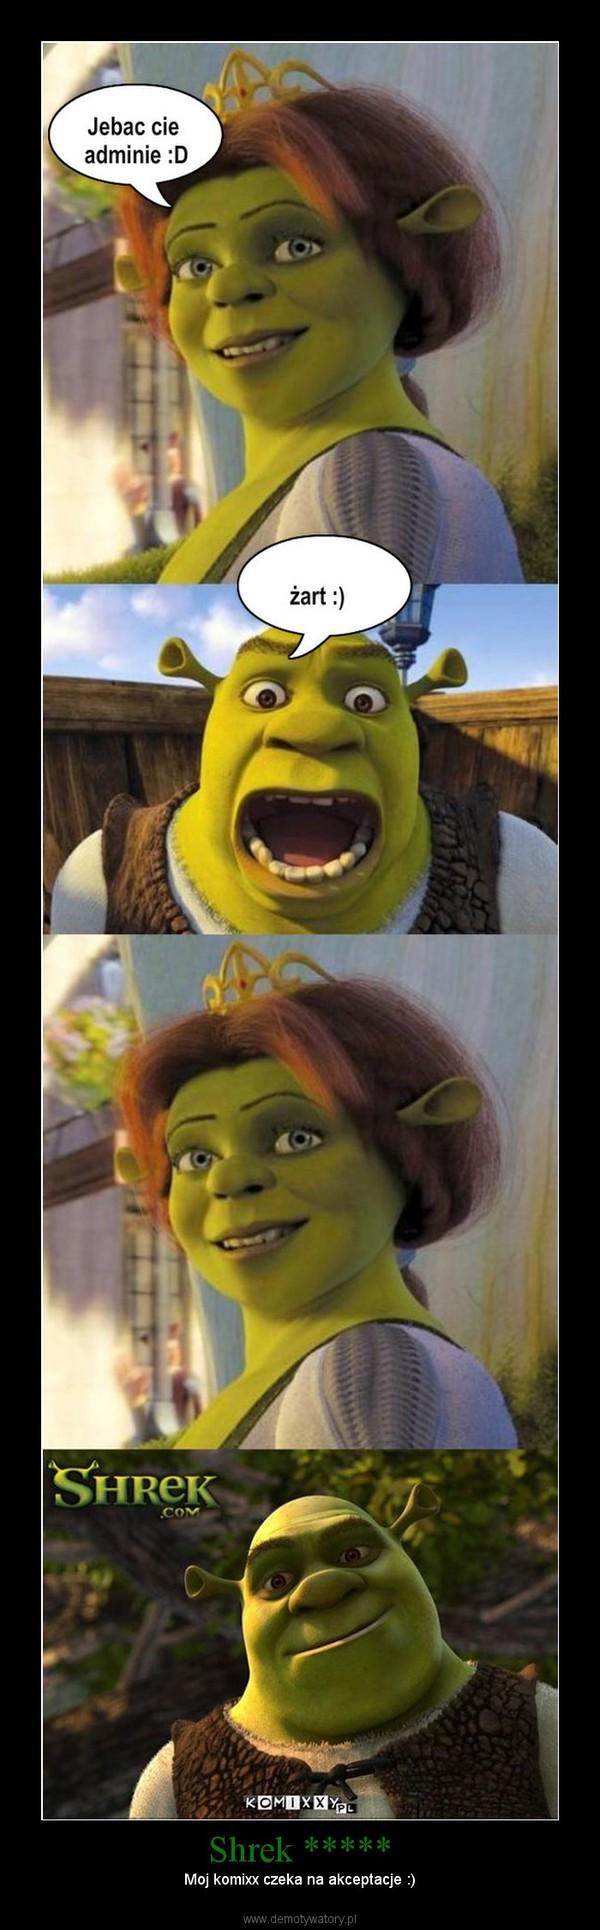 Shrek ***** – Moj komixx czeka na akceptacje :)